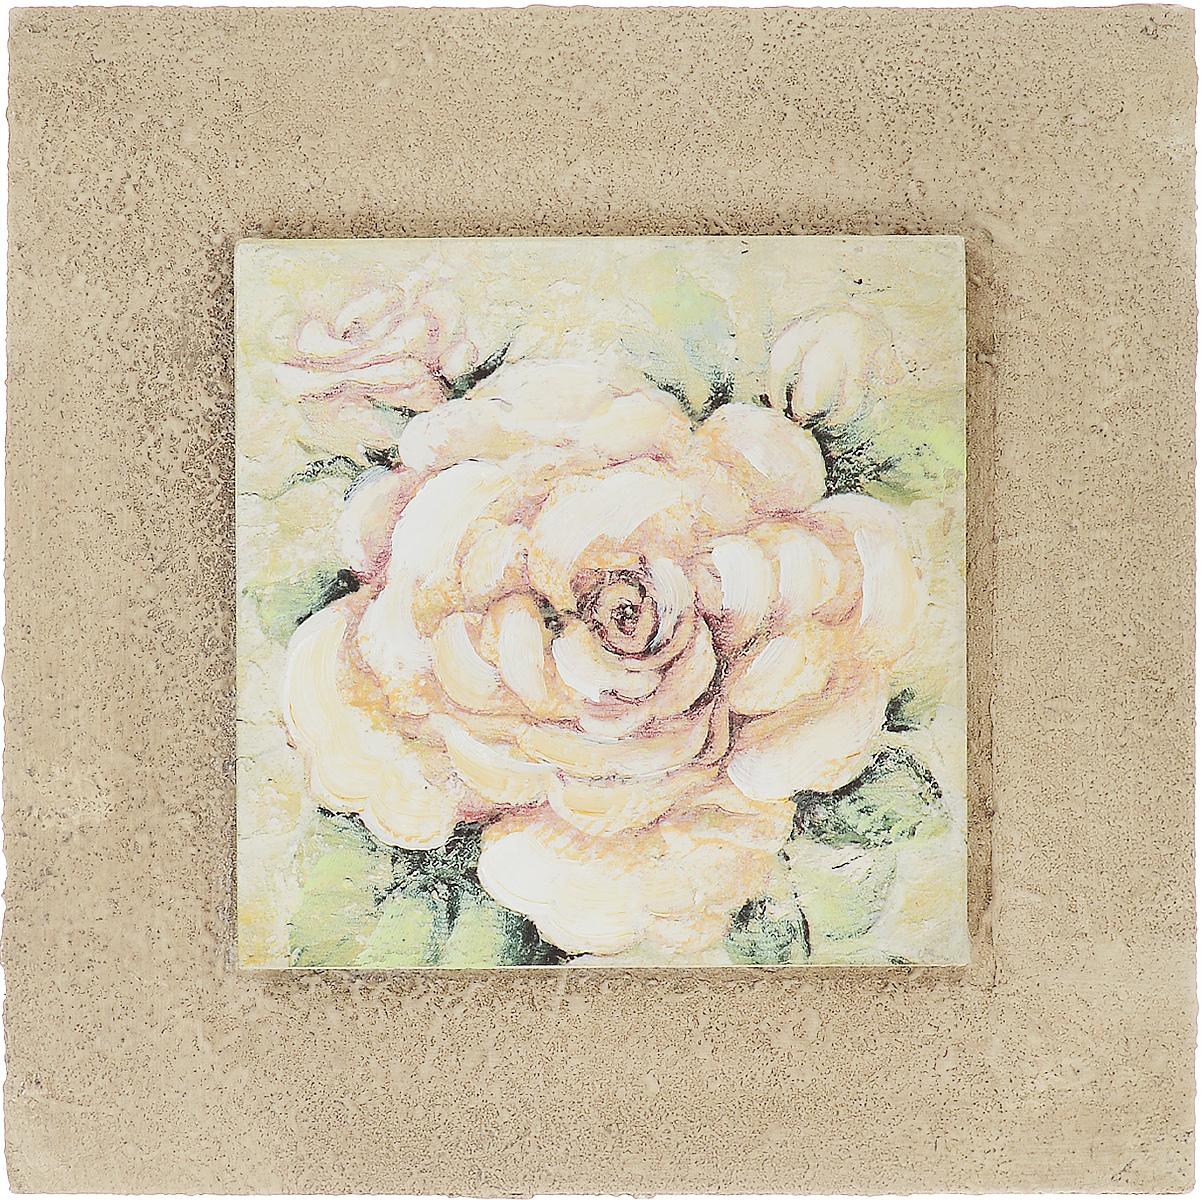 Картина-репродукция Феникс-Презент Белая роза, 25 х 25 х 3,5 см44438Картина-репродукция Феникс-презент Белая роза с основой из МДФ выполнена печатью на бумаге с ручной подрисовкой. На оборотной стороне имеется петля для подвешивания на стену.Такая картина - вдохновляющее декоративное решение, привносящее в интерьер нотки творчества и изысканности! Благодаря оригинальному дизайну картина Белая роза дополнит интерьер любого помещения, а также сможет стать изысканным подарком для ваших друзей и близких.